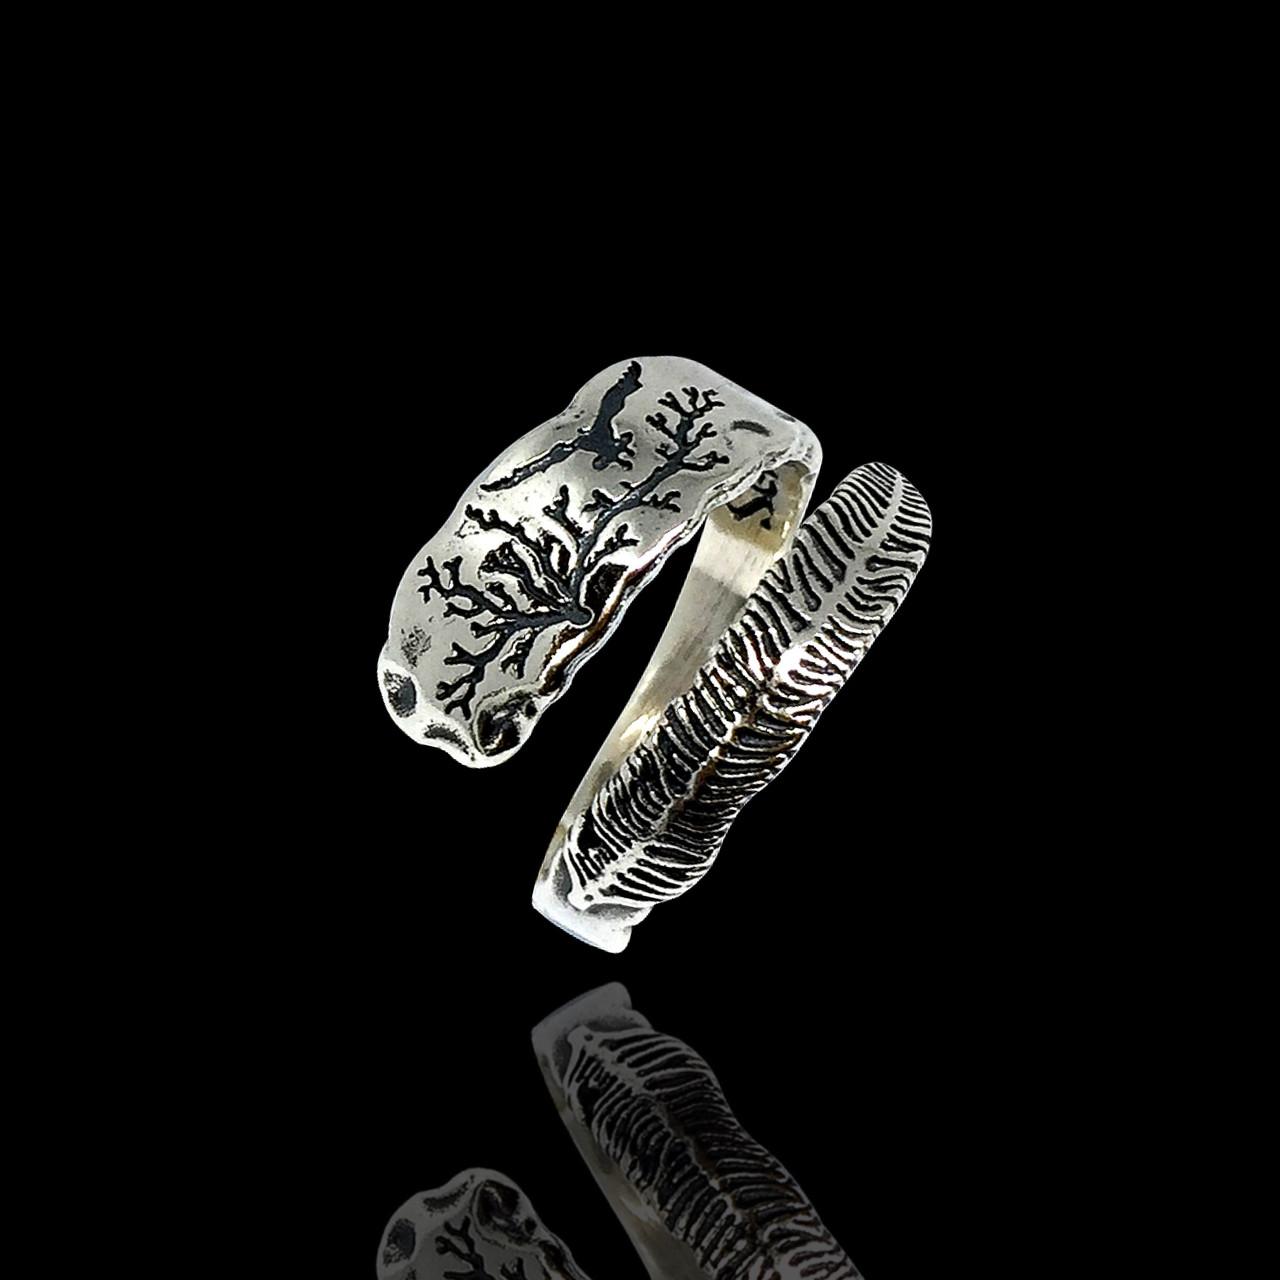 Серебряное кольцо Перо универсального размера, Selenit, 12092